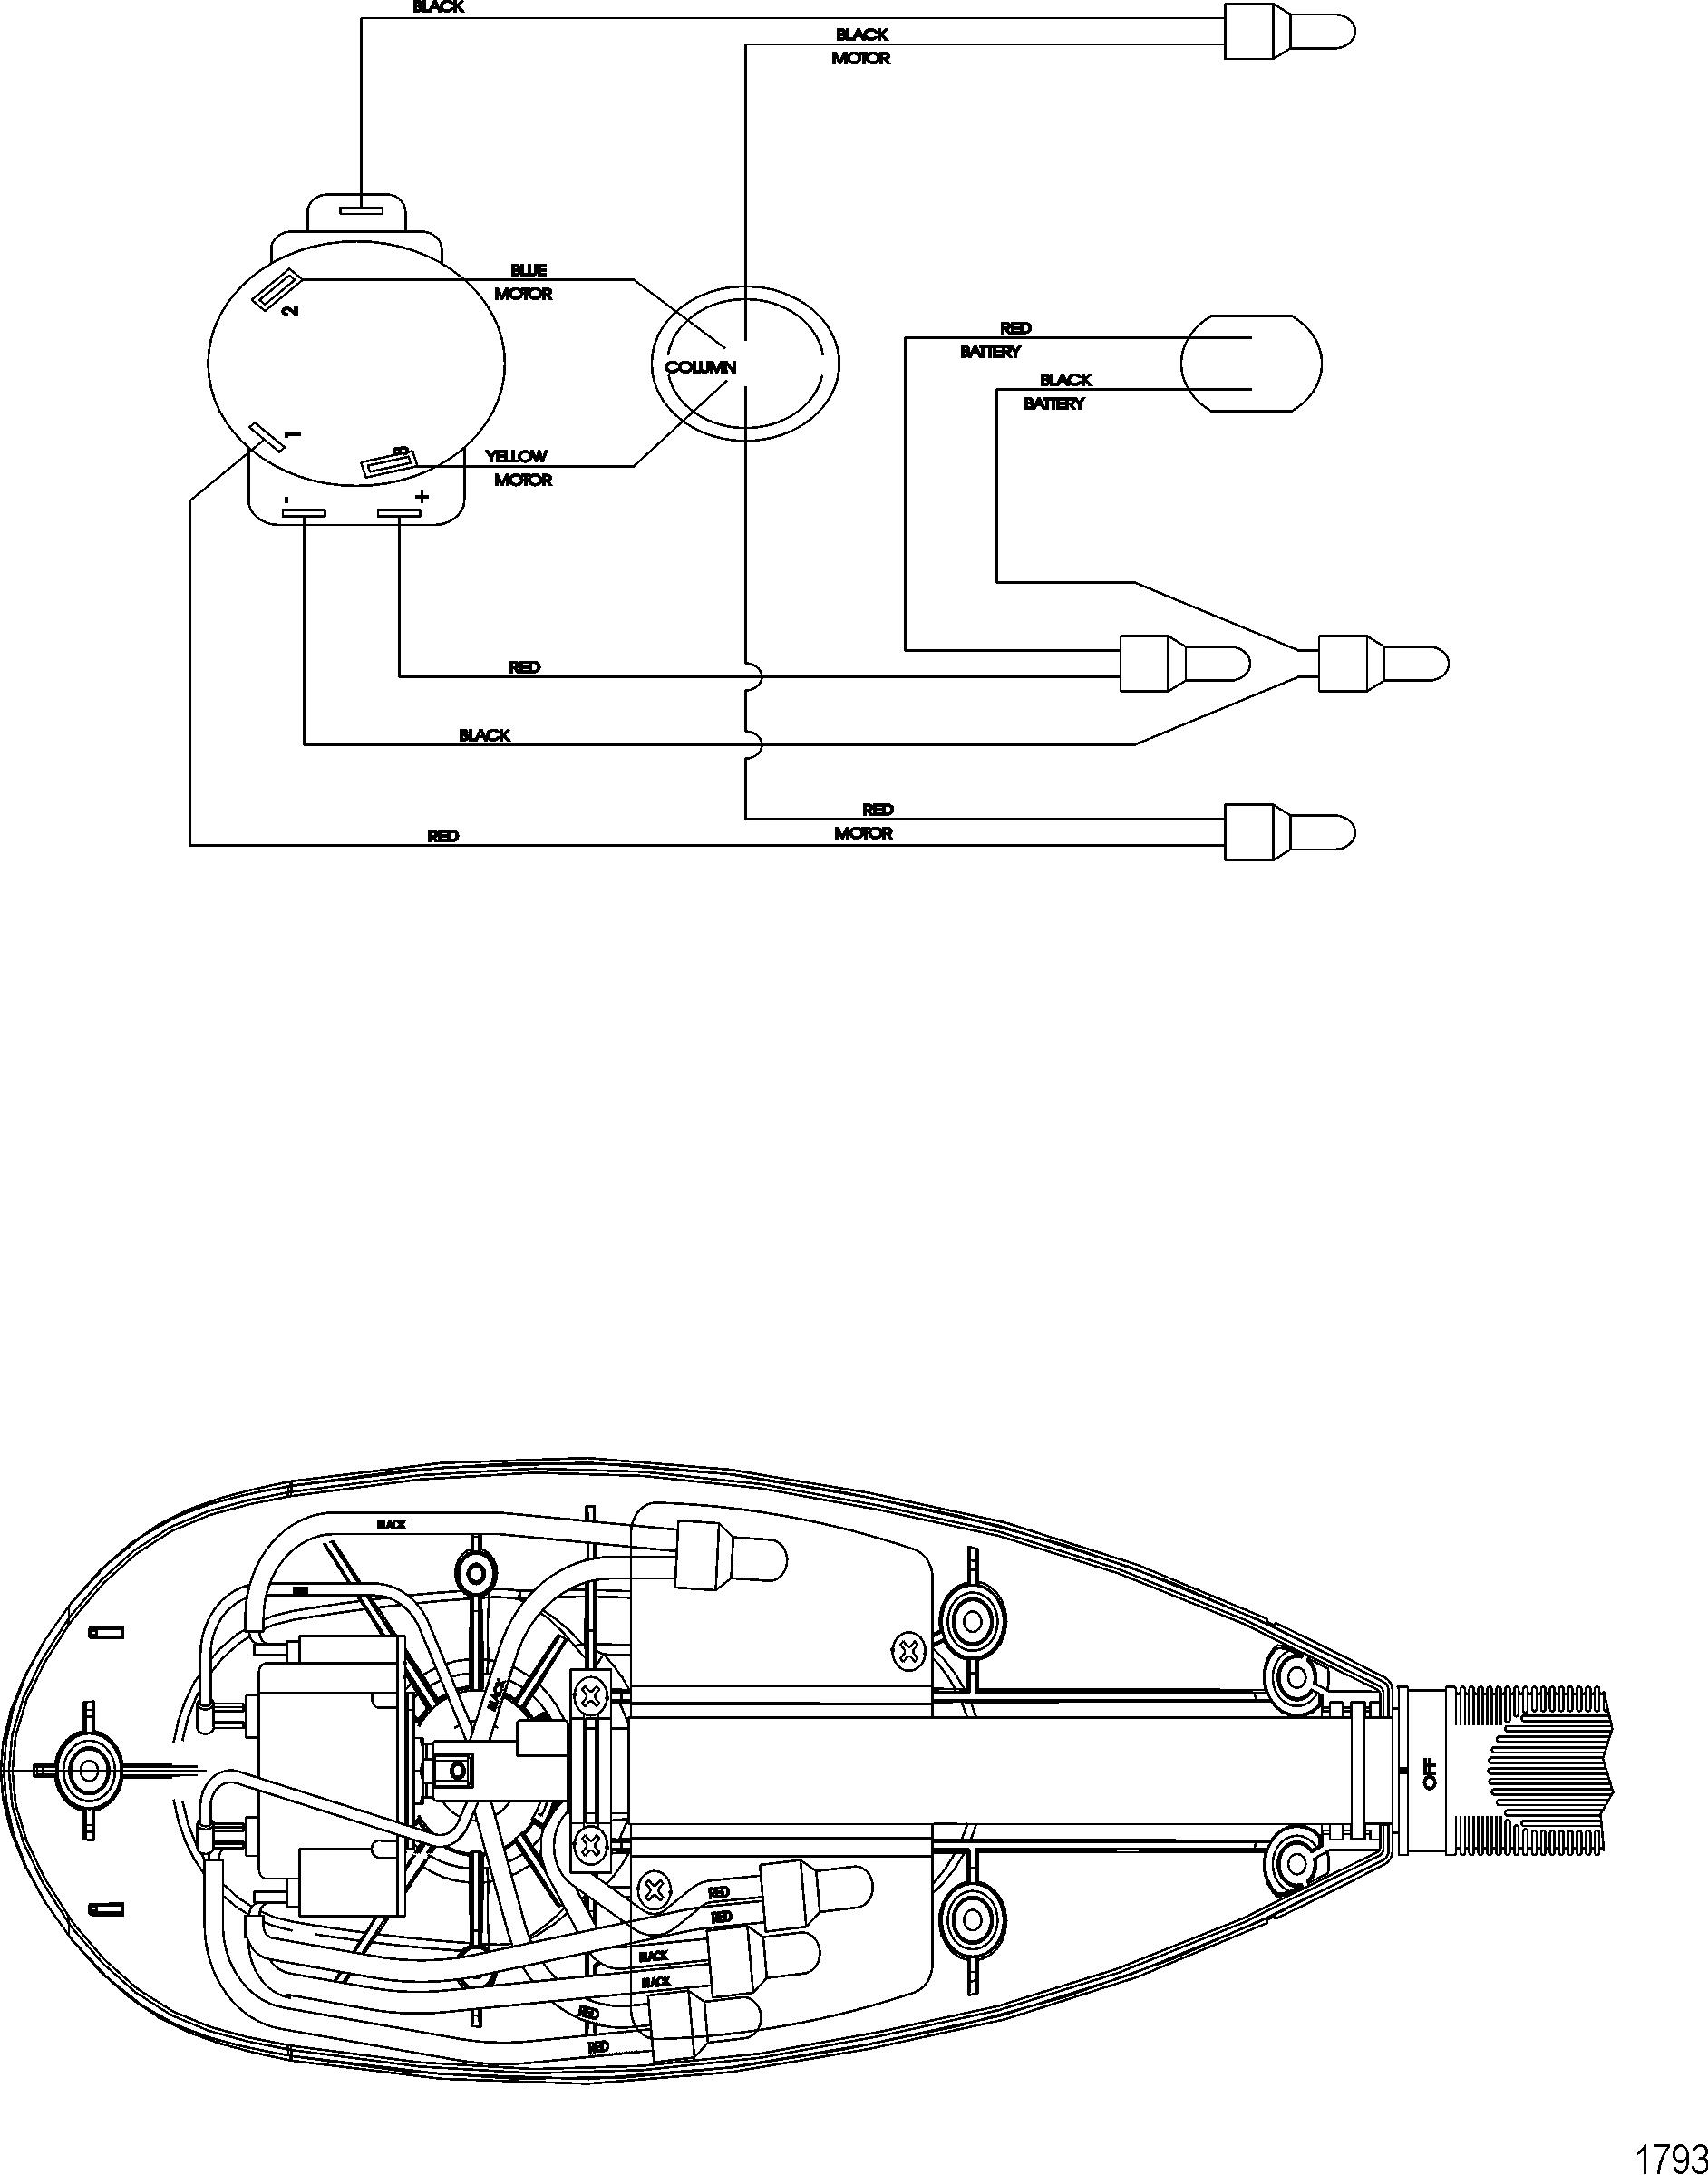 23B40 Mercury Thruster Plus Wiring Diagram | Wiring ResourcesWiring Resources